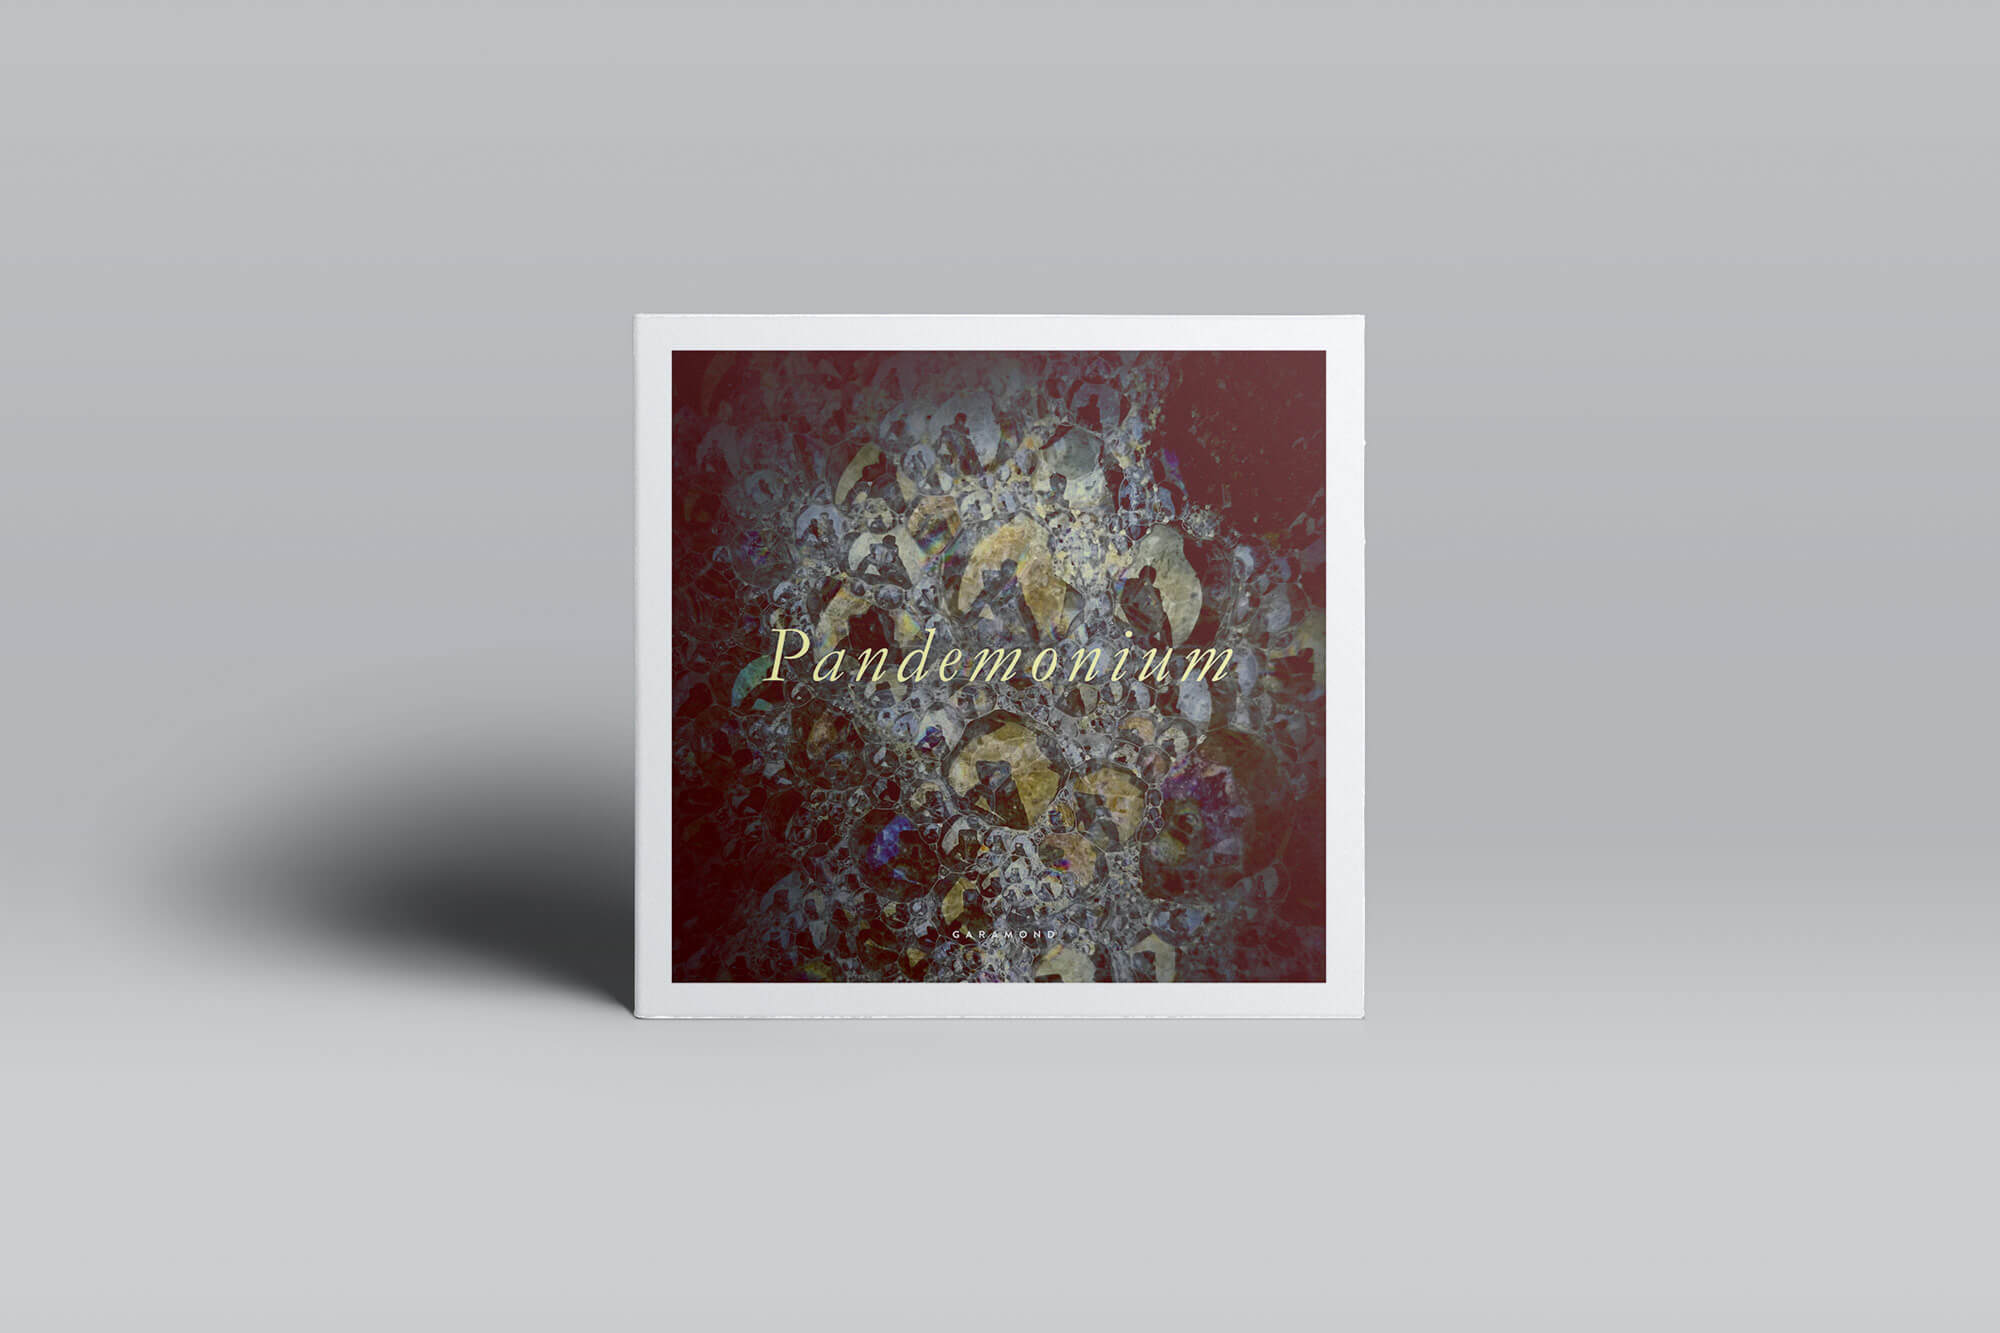 gareth-paul-jones-studio-design-garamond-music-shards-of-light-ep-cs-04-Pandemonium